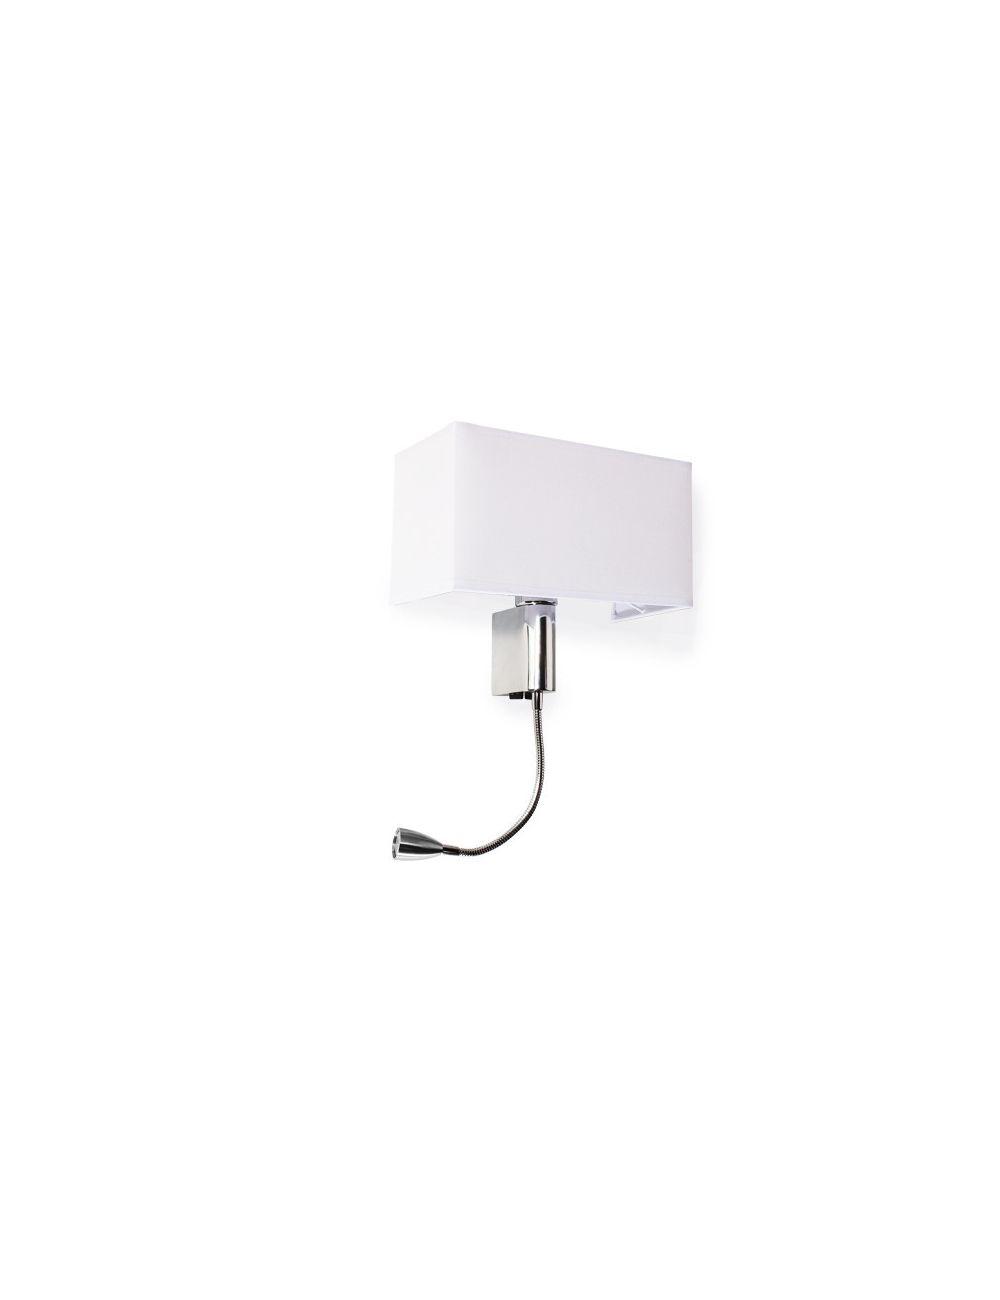 Kinkiet na ściane z abażurem i flexem ruchomy Amadeo Square  Azzardo  SN-6314S-LED